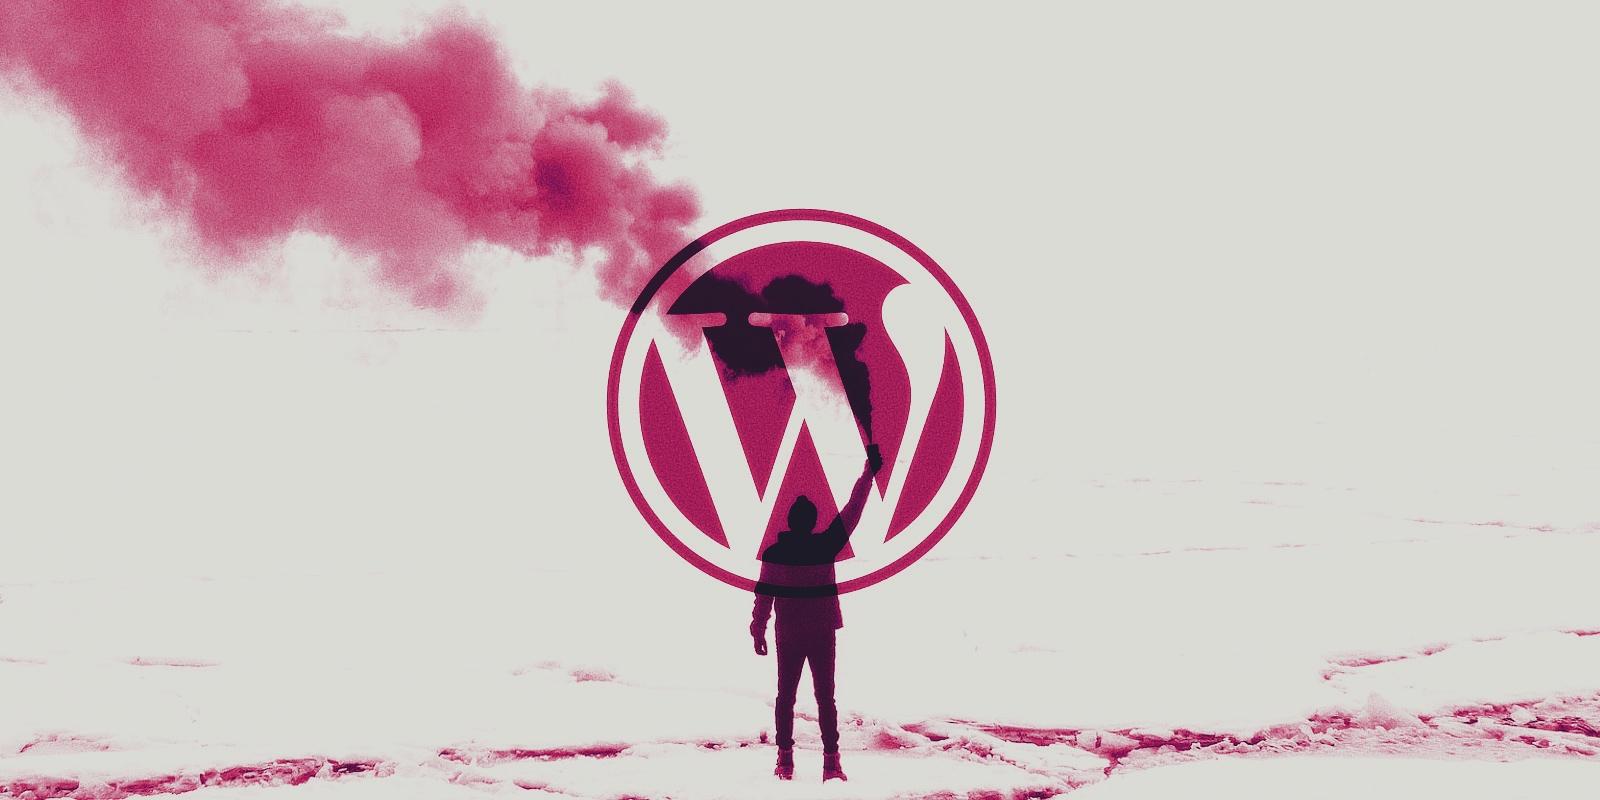 Le plugin WordPress défectueux expose 100000 sites Web à des attaques de prise de contrôle